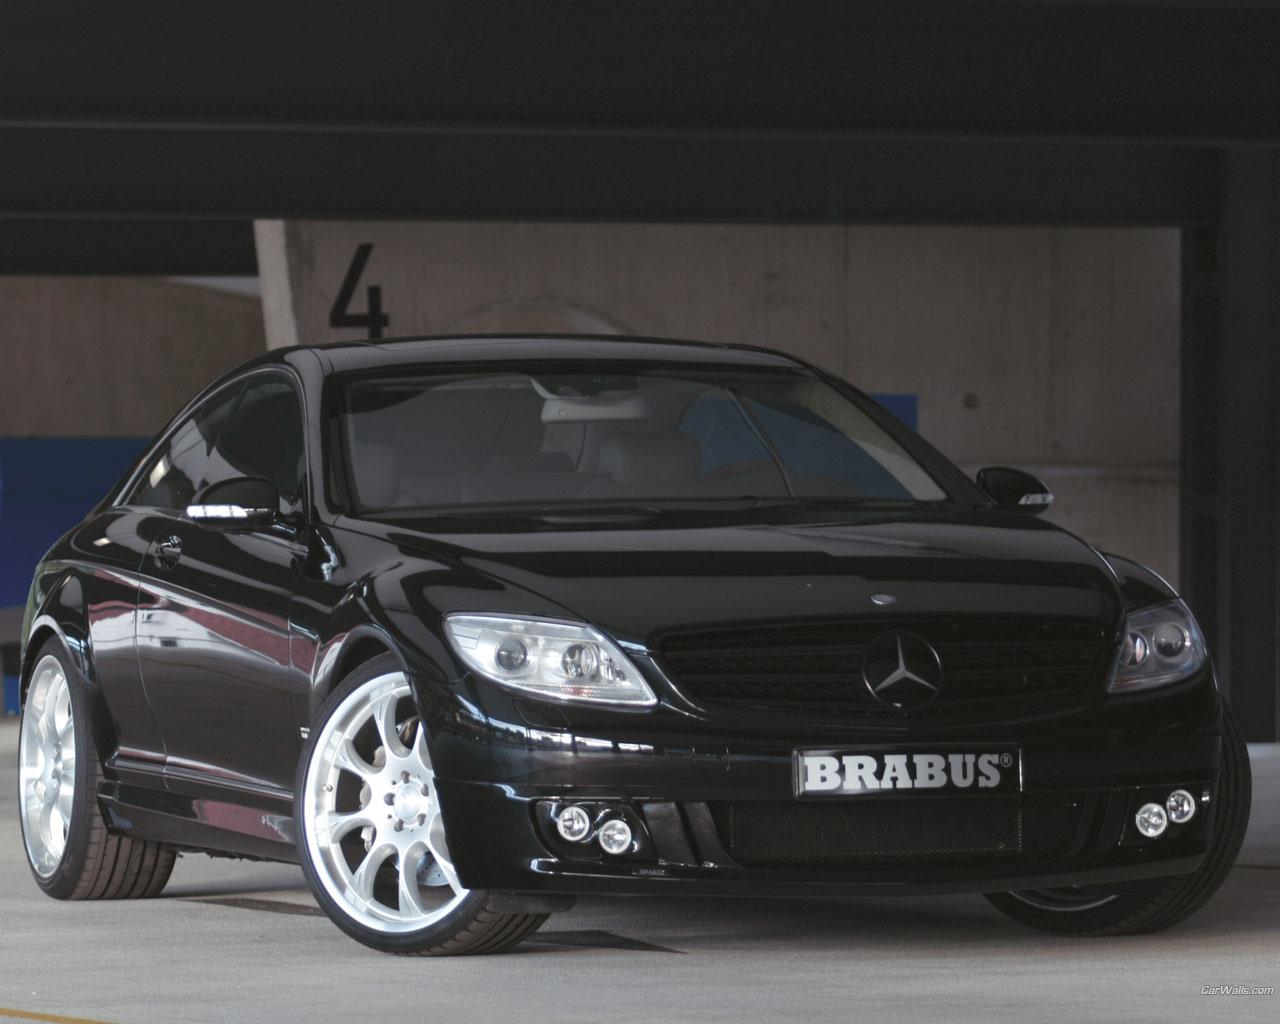 Mercedes Benz CL Class CL Brabus 808 Wallpaper